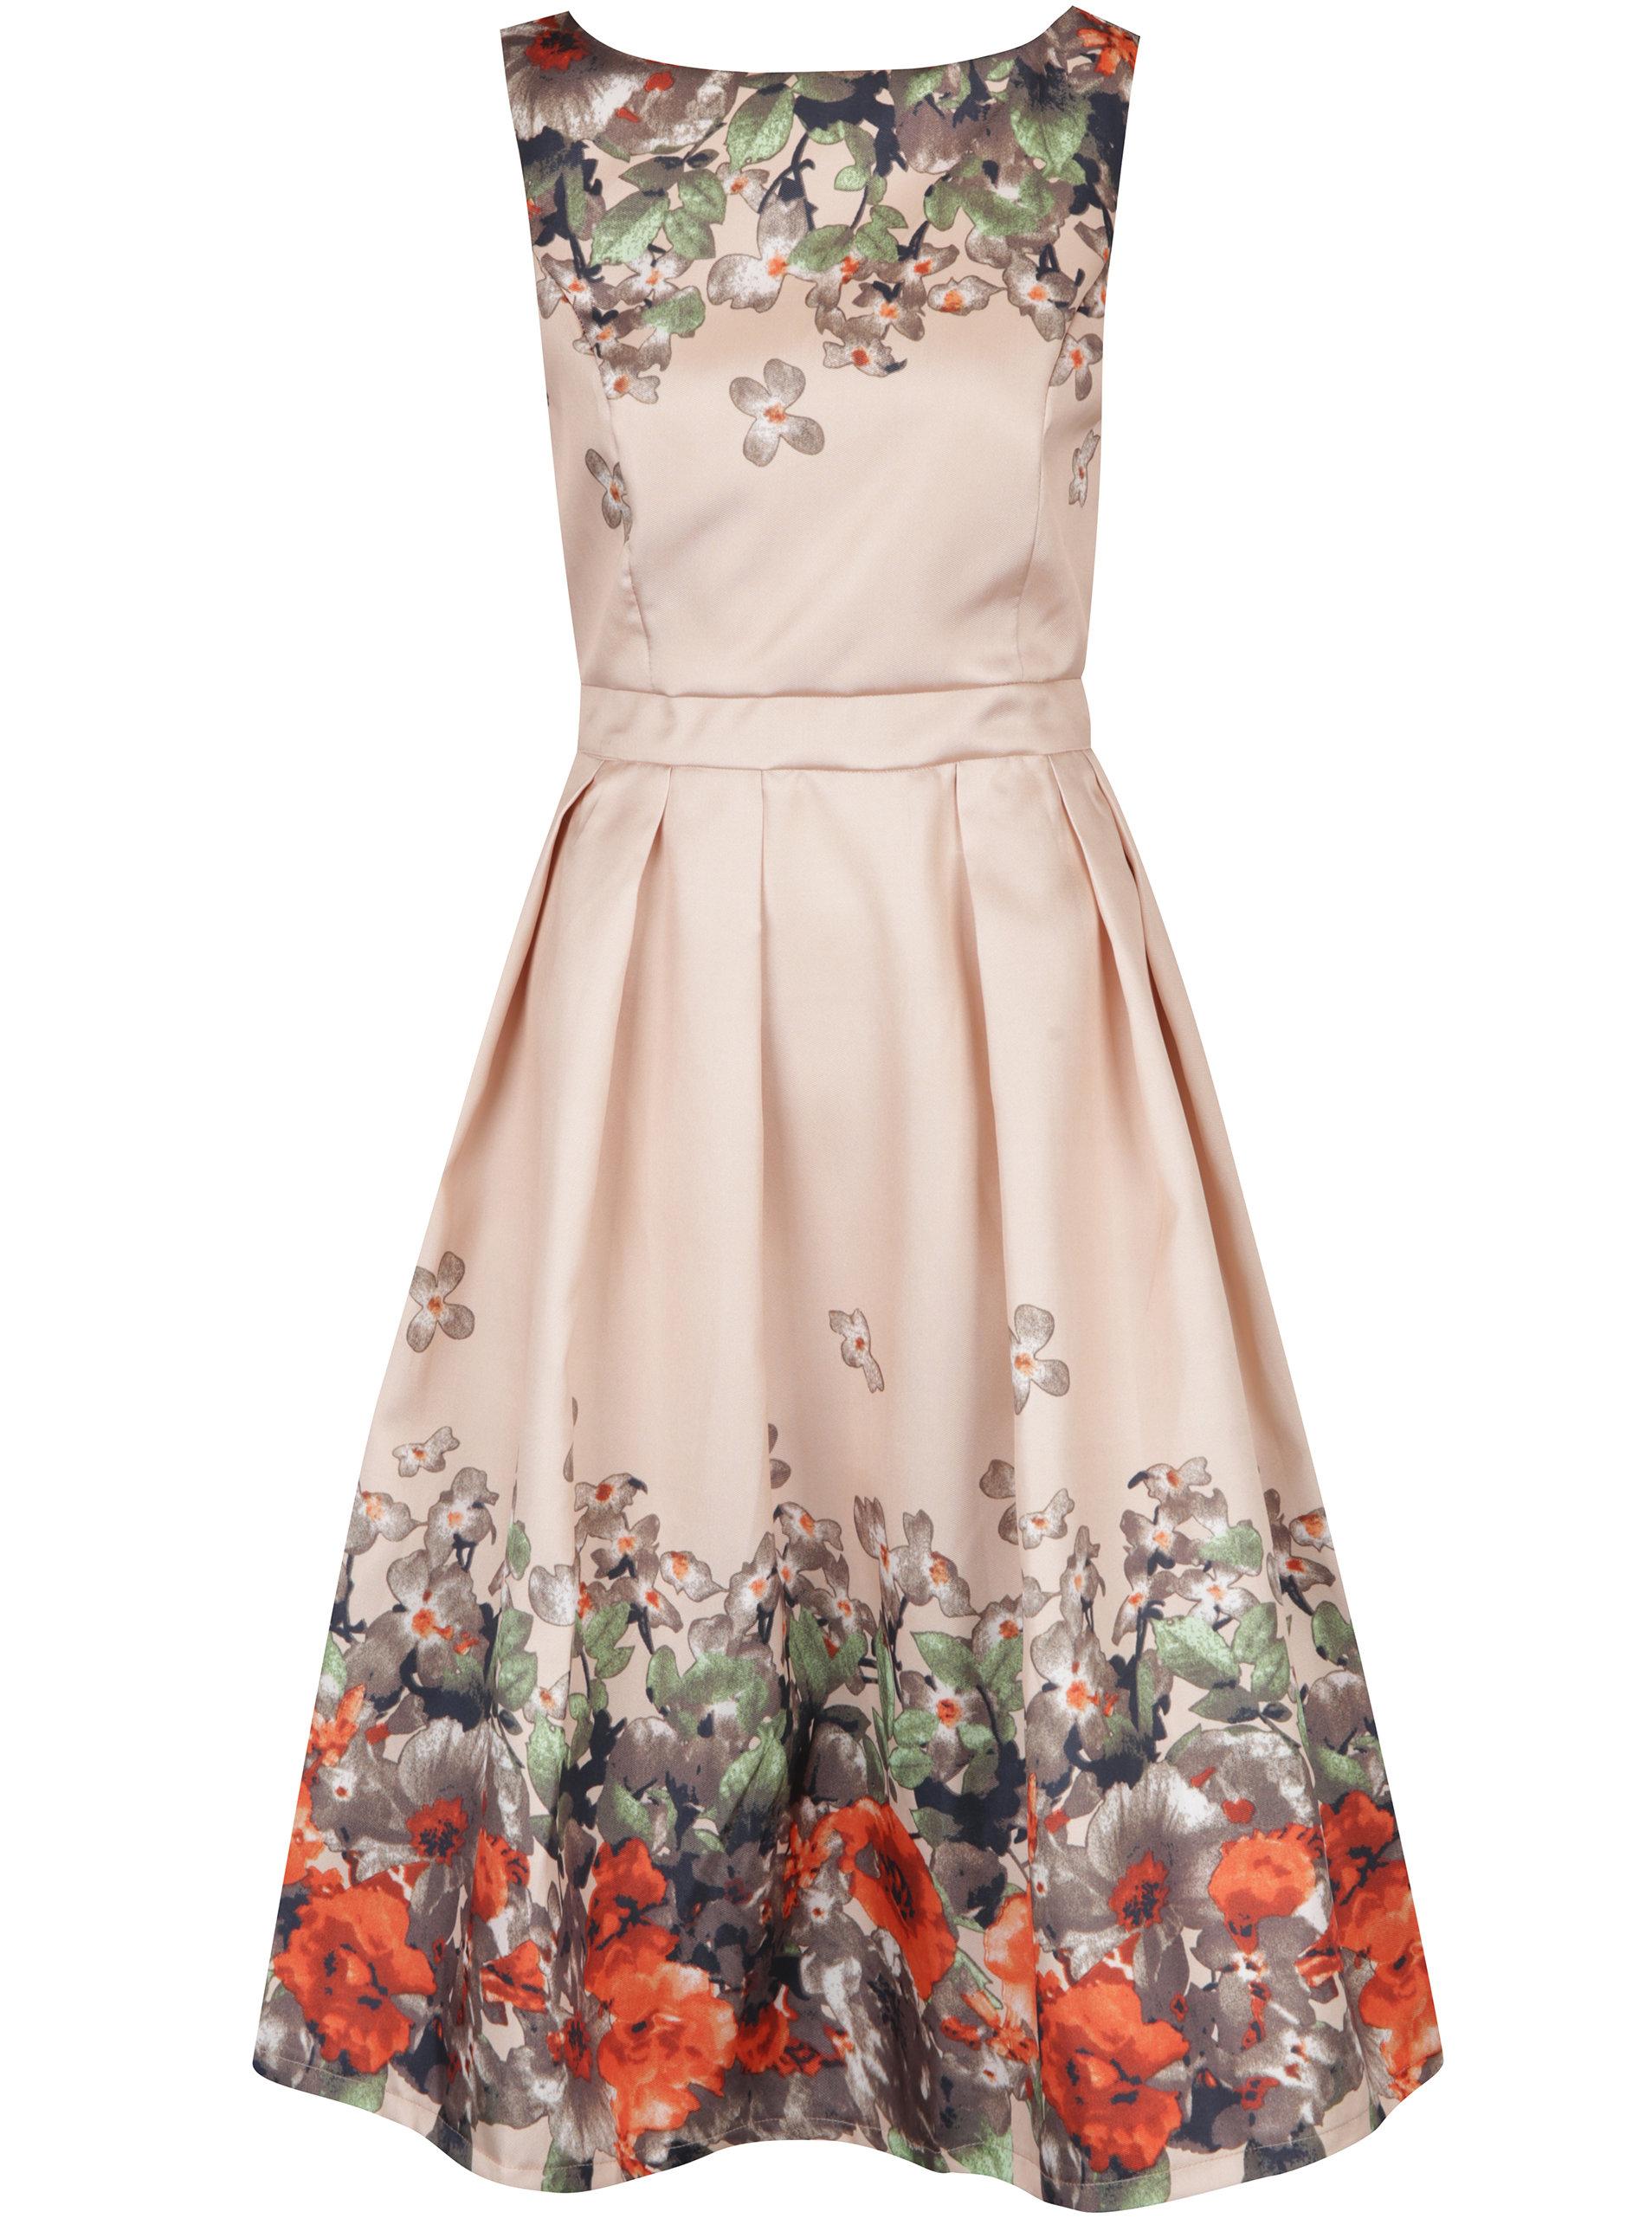 Béžové šaty s potlačou kvetín Mela London ... 280a321d0a6